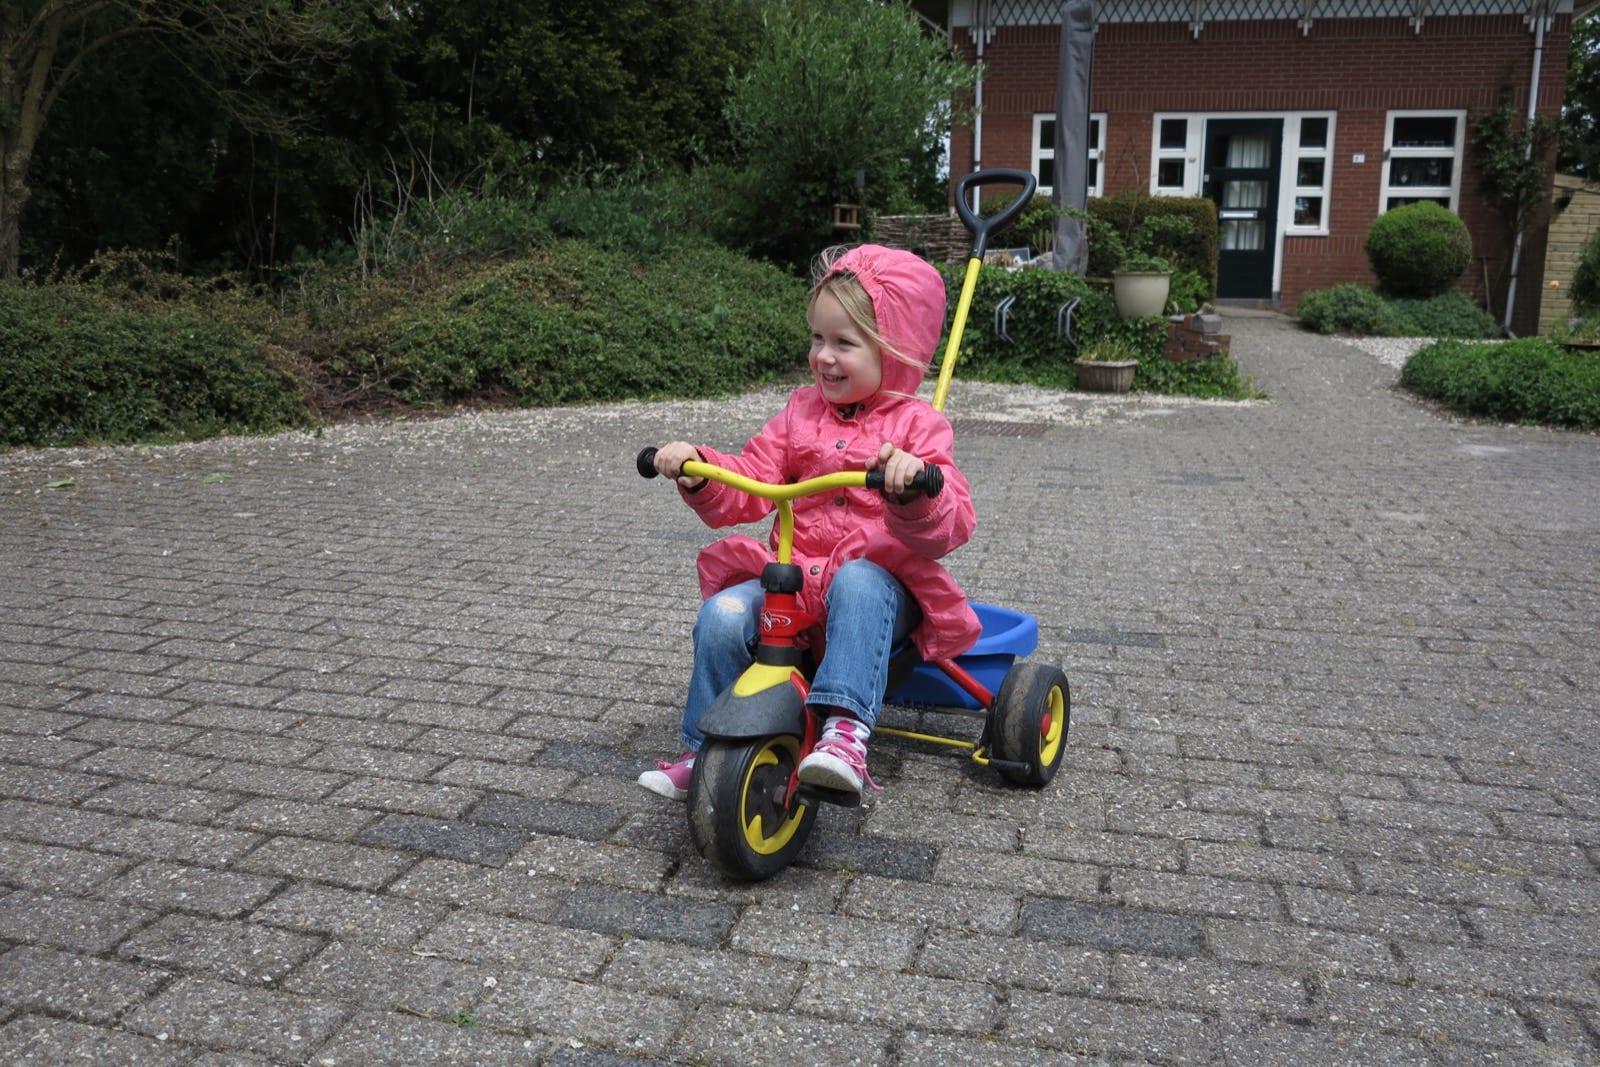 et-fiets-en-fietser-31-mirthe,-kleindochter-henk-en-anita-blaauw-oi.jpg